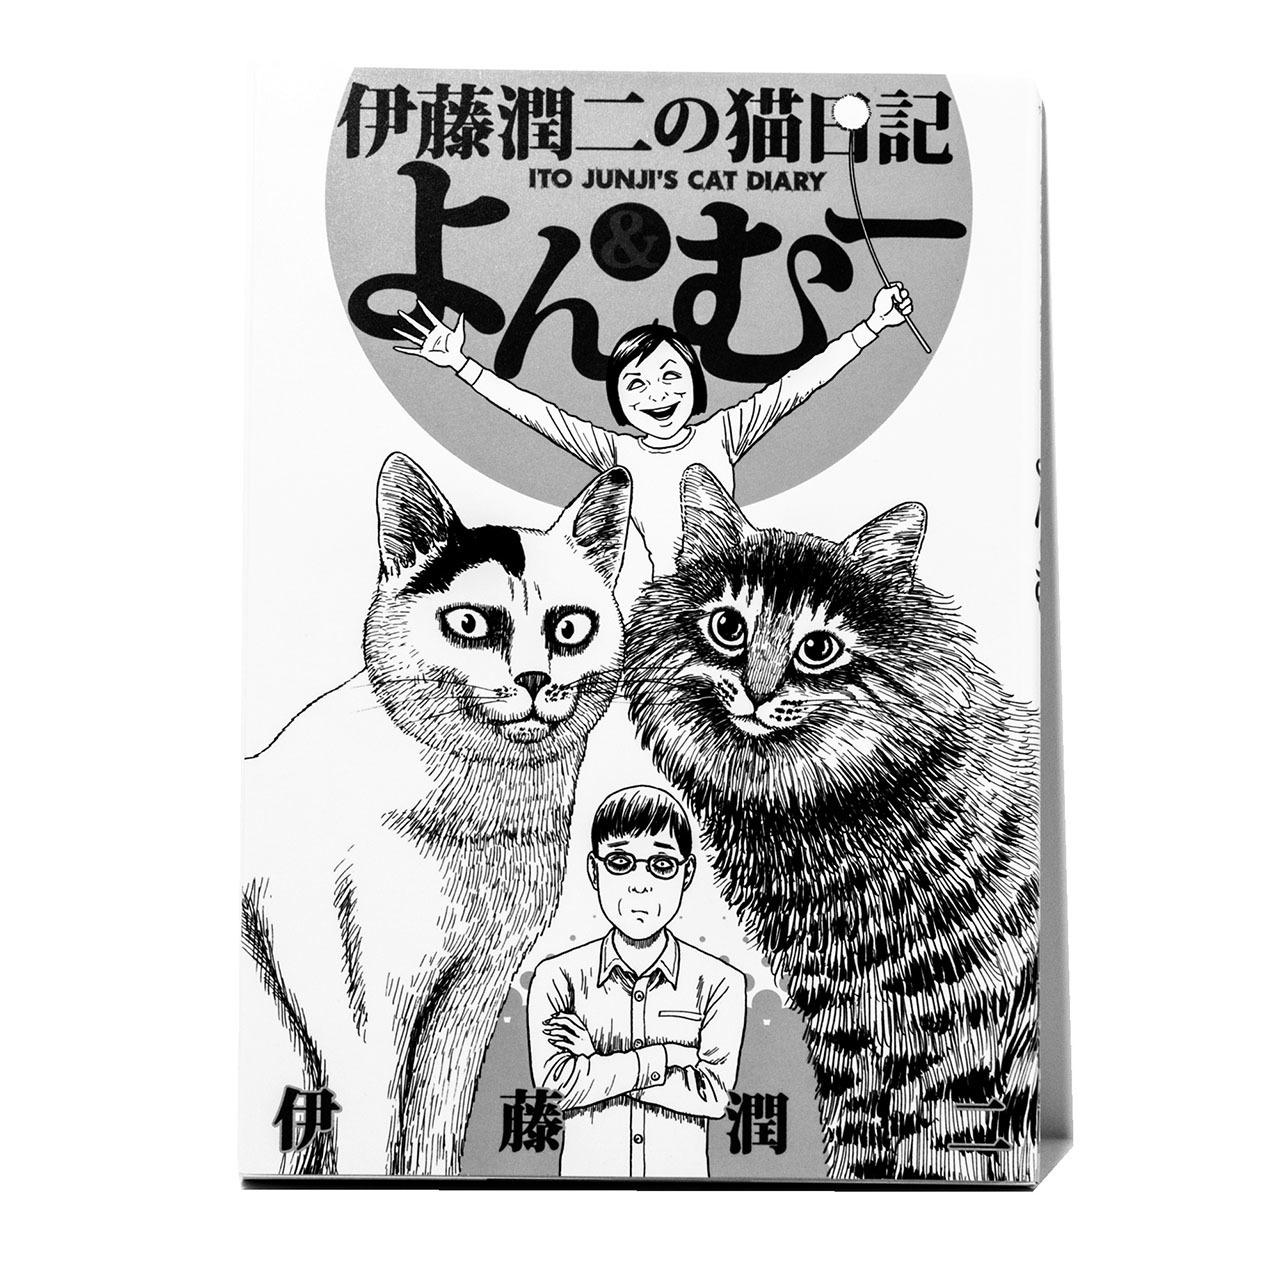 50代にこそ読んで欲しい、エクラセレクトのコミックエッセイ 五選_1_1-4